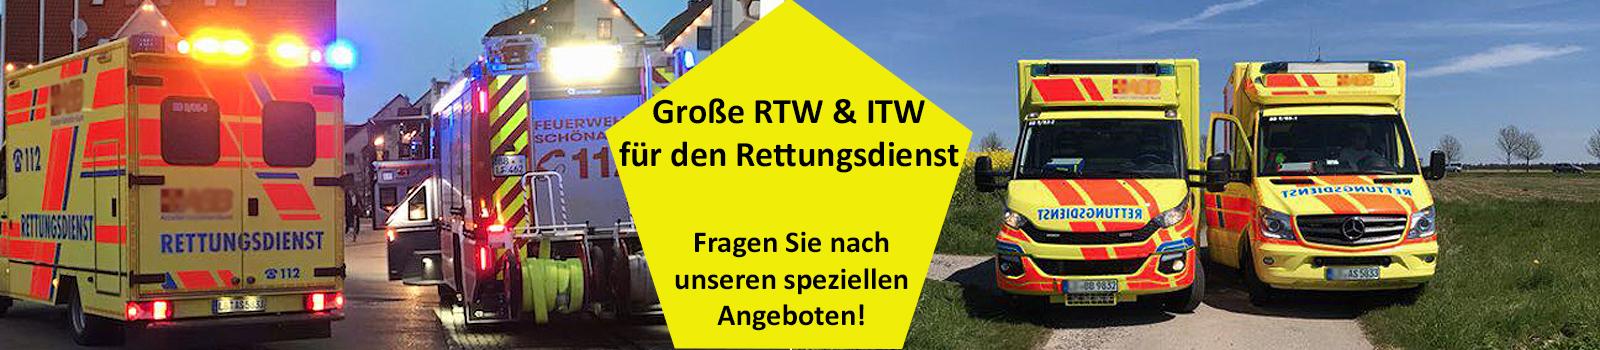 c1-fuehrerschein-rettungsdienst-banner